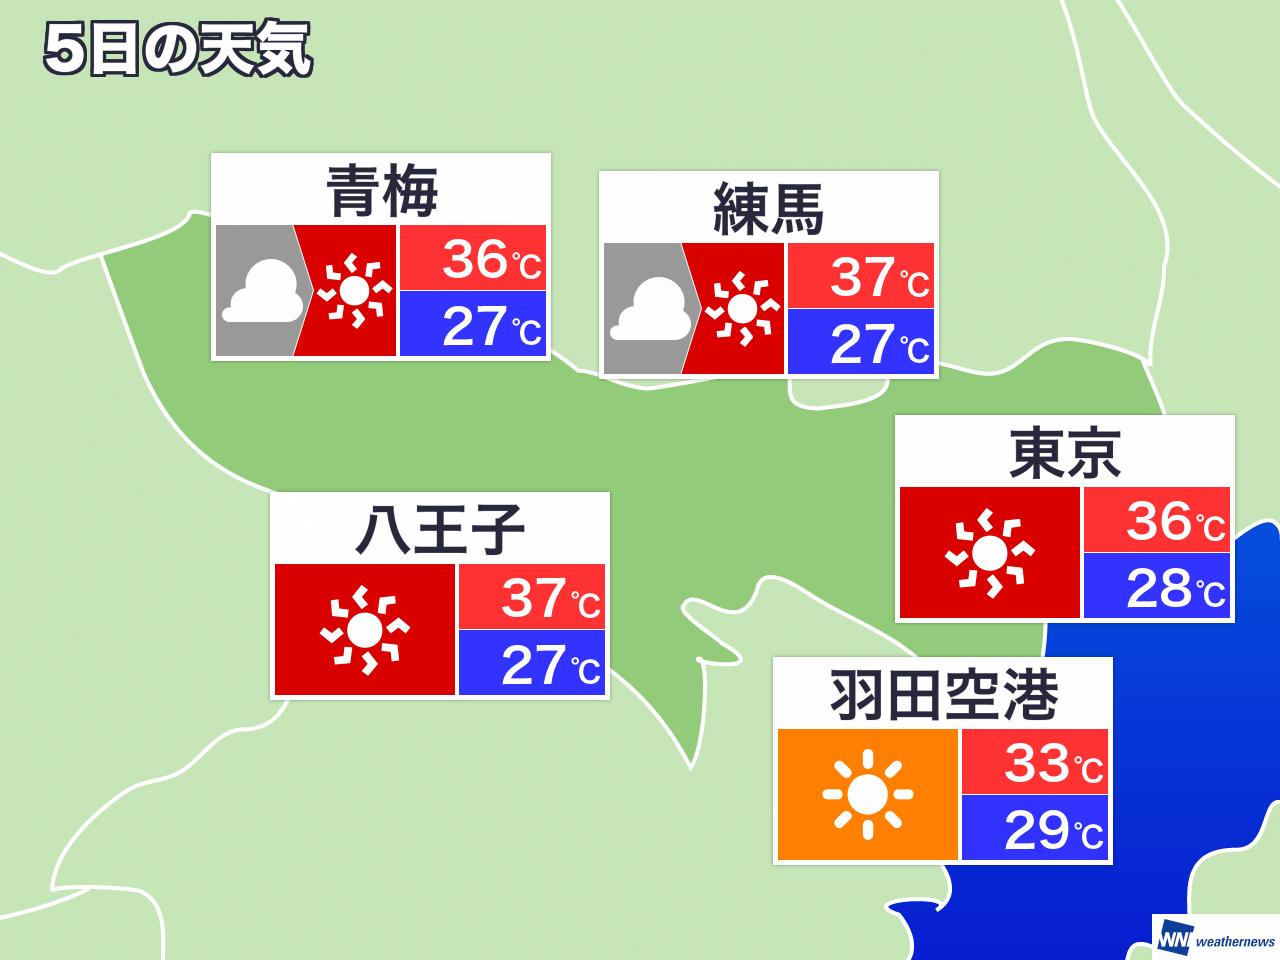 12月2日(月) 東京都の今日の天気 - ウェザーニュース